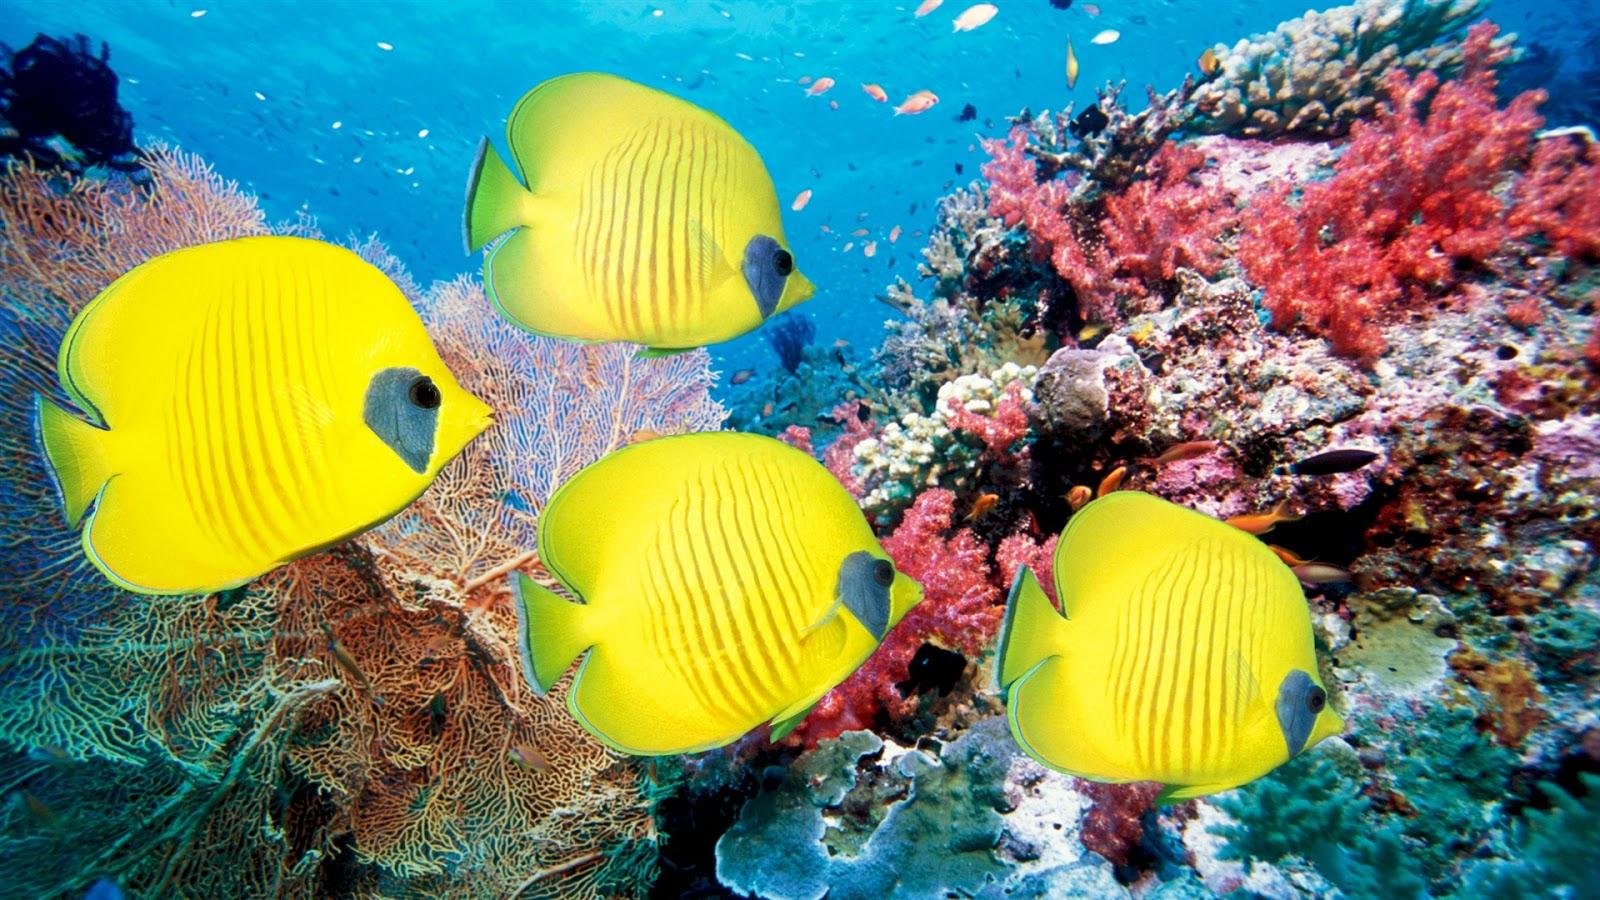 Te lo digo y te lo comento cuidando a los peces tropicales - Peces tropicales fotos ...